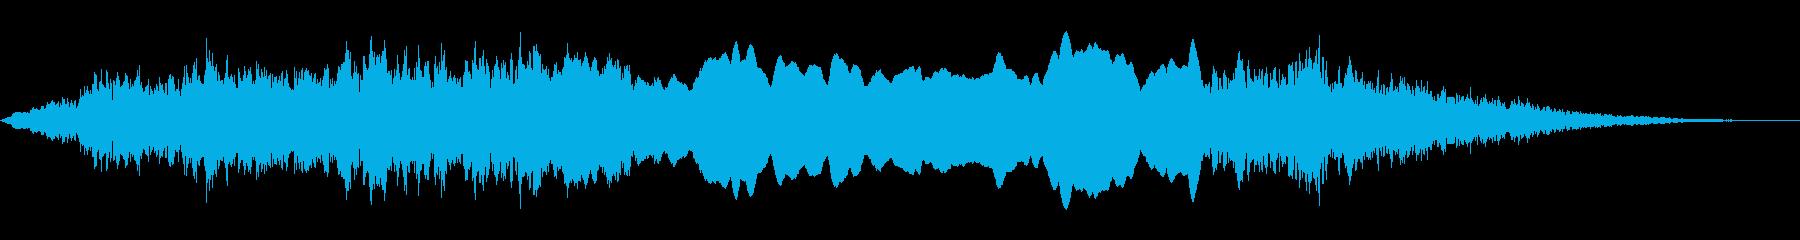 サイレン・警報の再生済みの波形